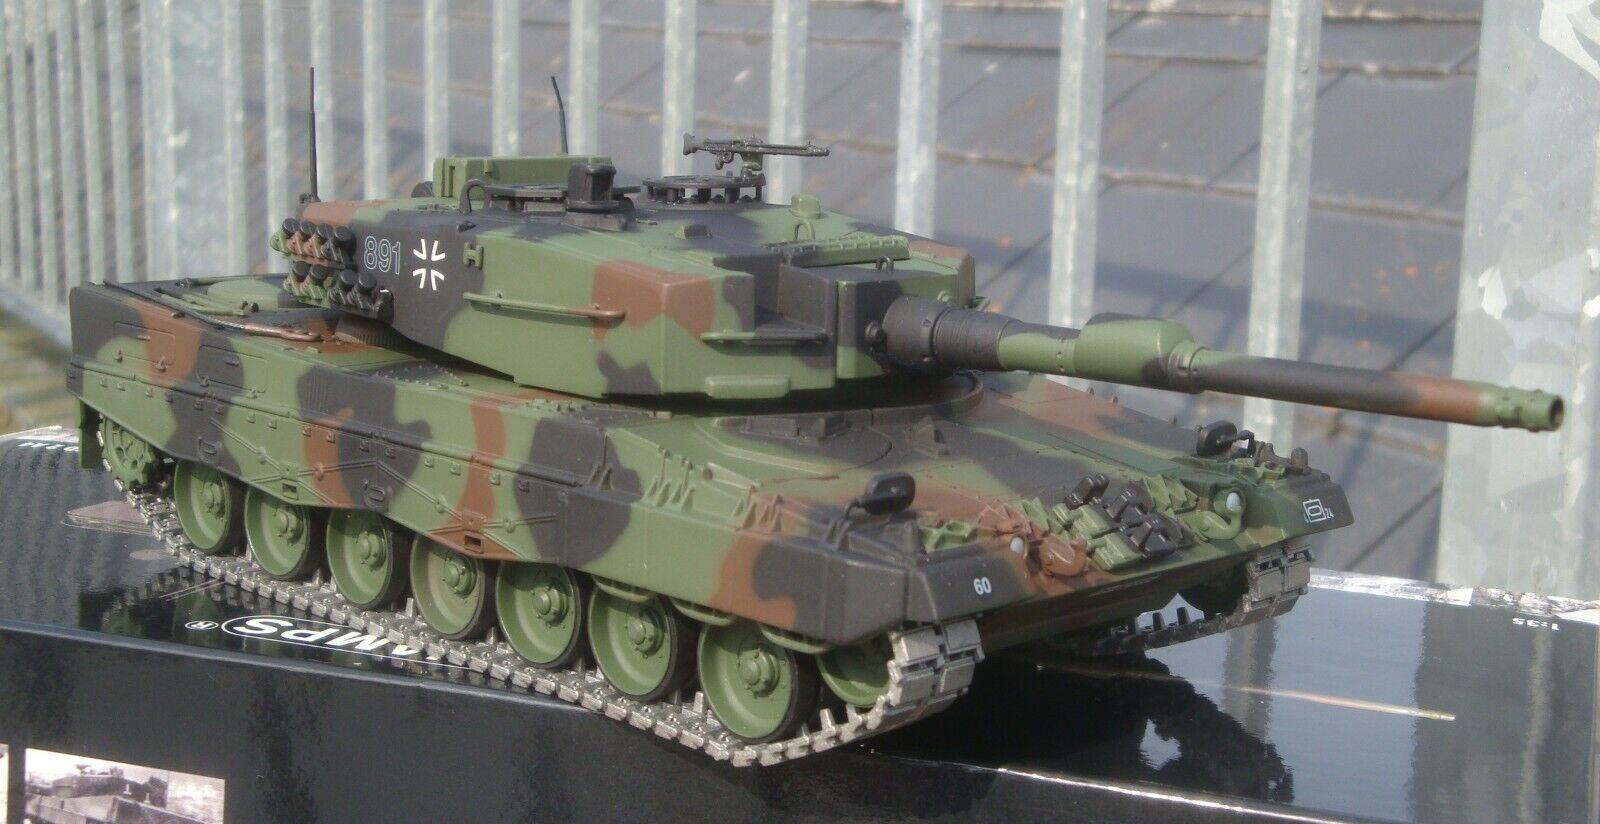 Minichamps 350011001, Kampfpanzer Leopard 2A4, marrónschweig, Alemania 1986, 1 35